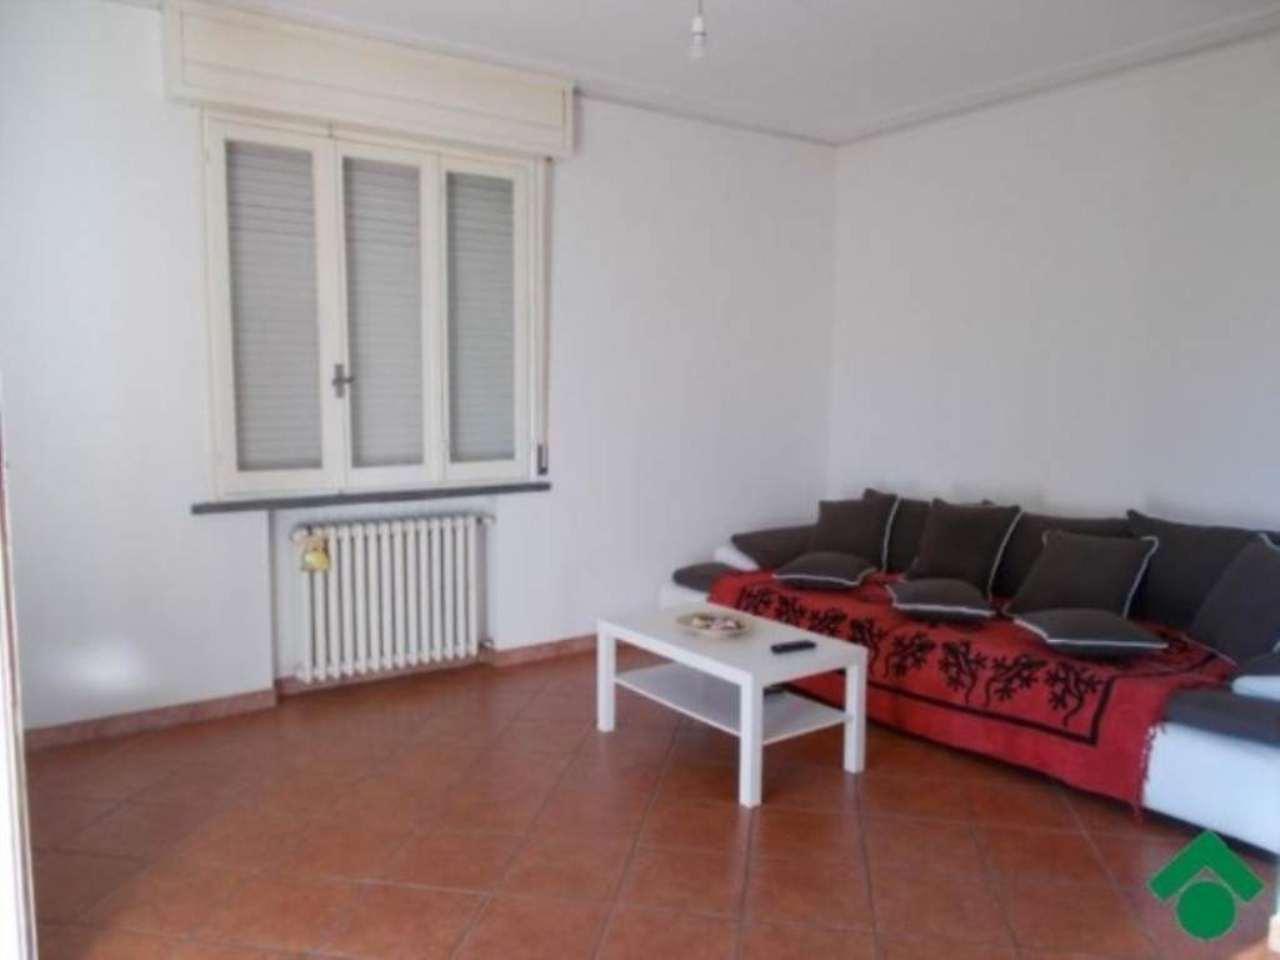 Appartamento in vendita a Bibbiano, 3 locali, prezzo € 100.000 | CambioCasa.it